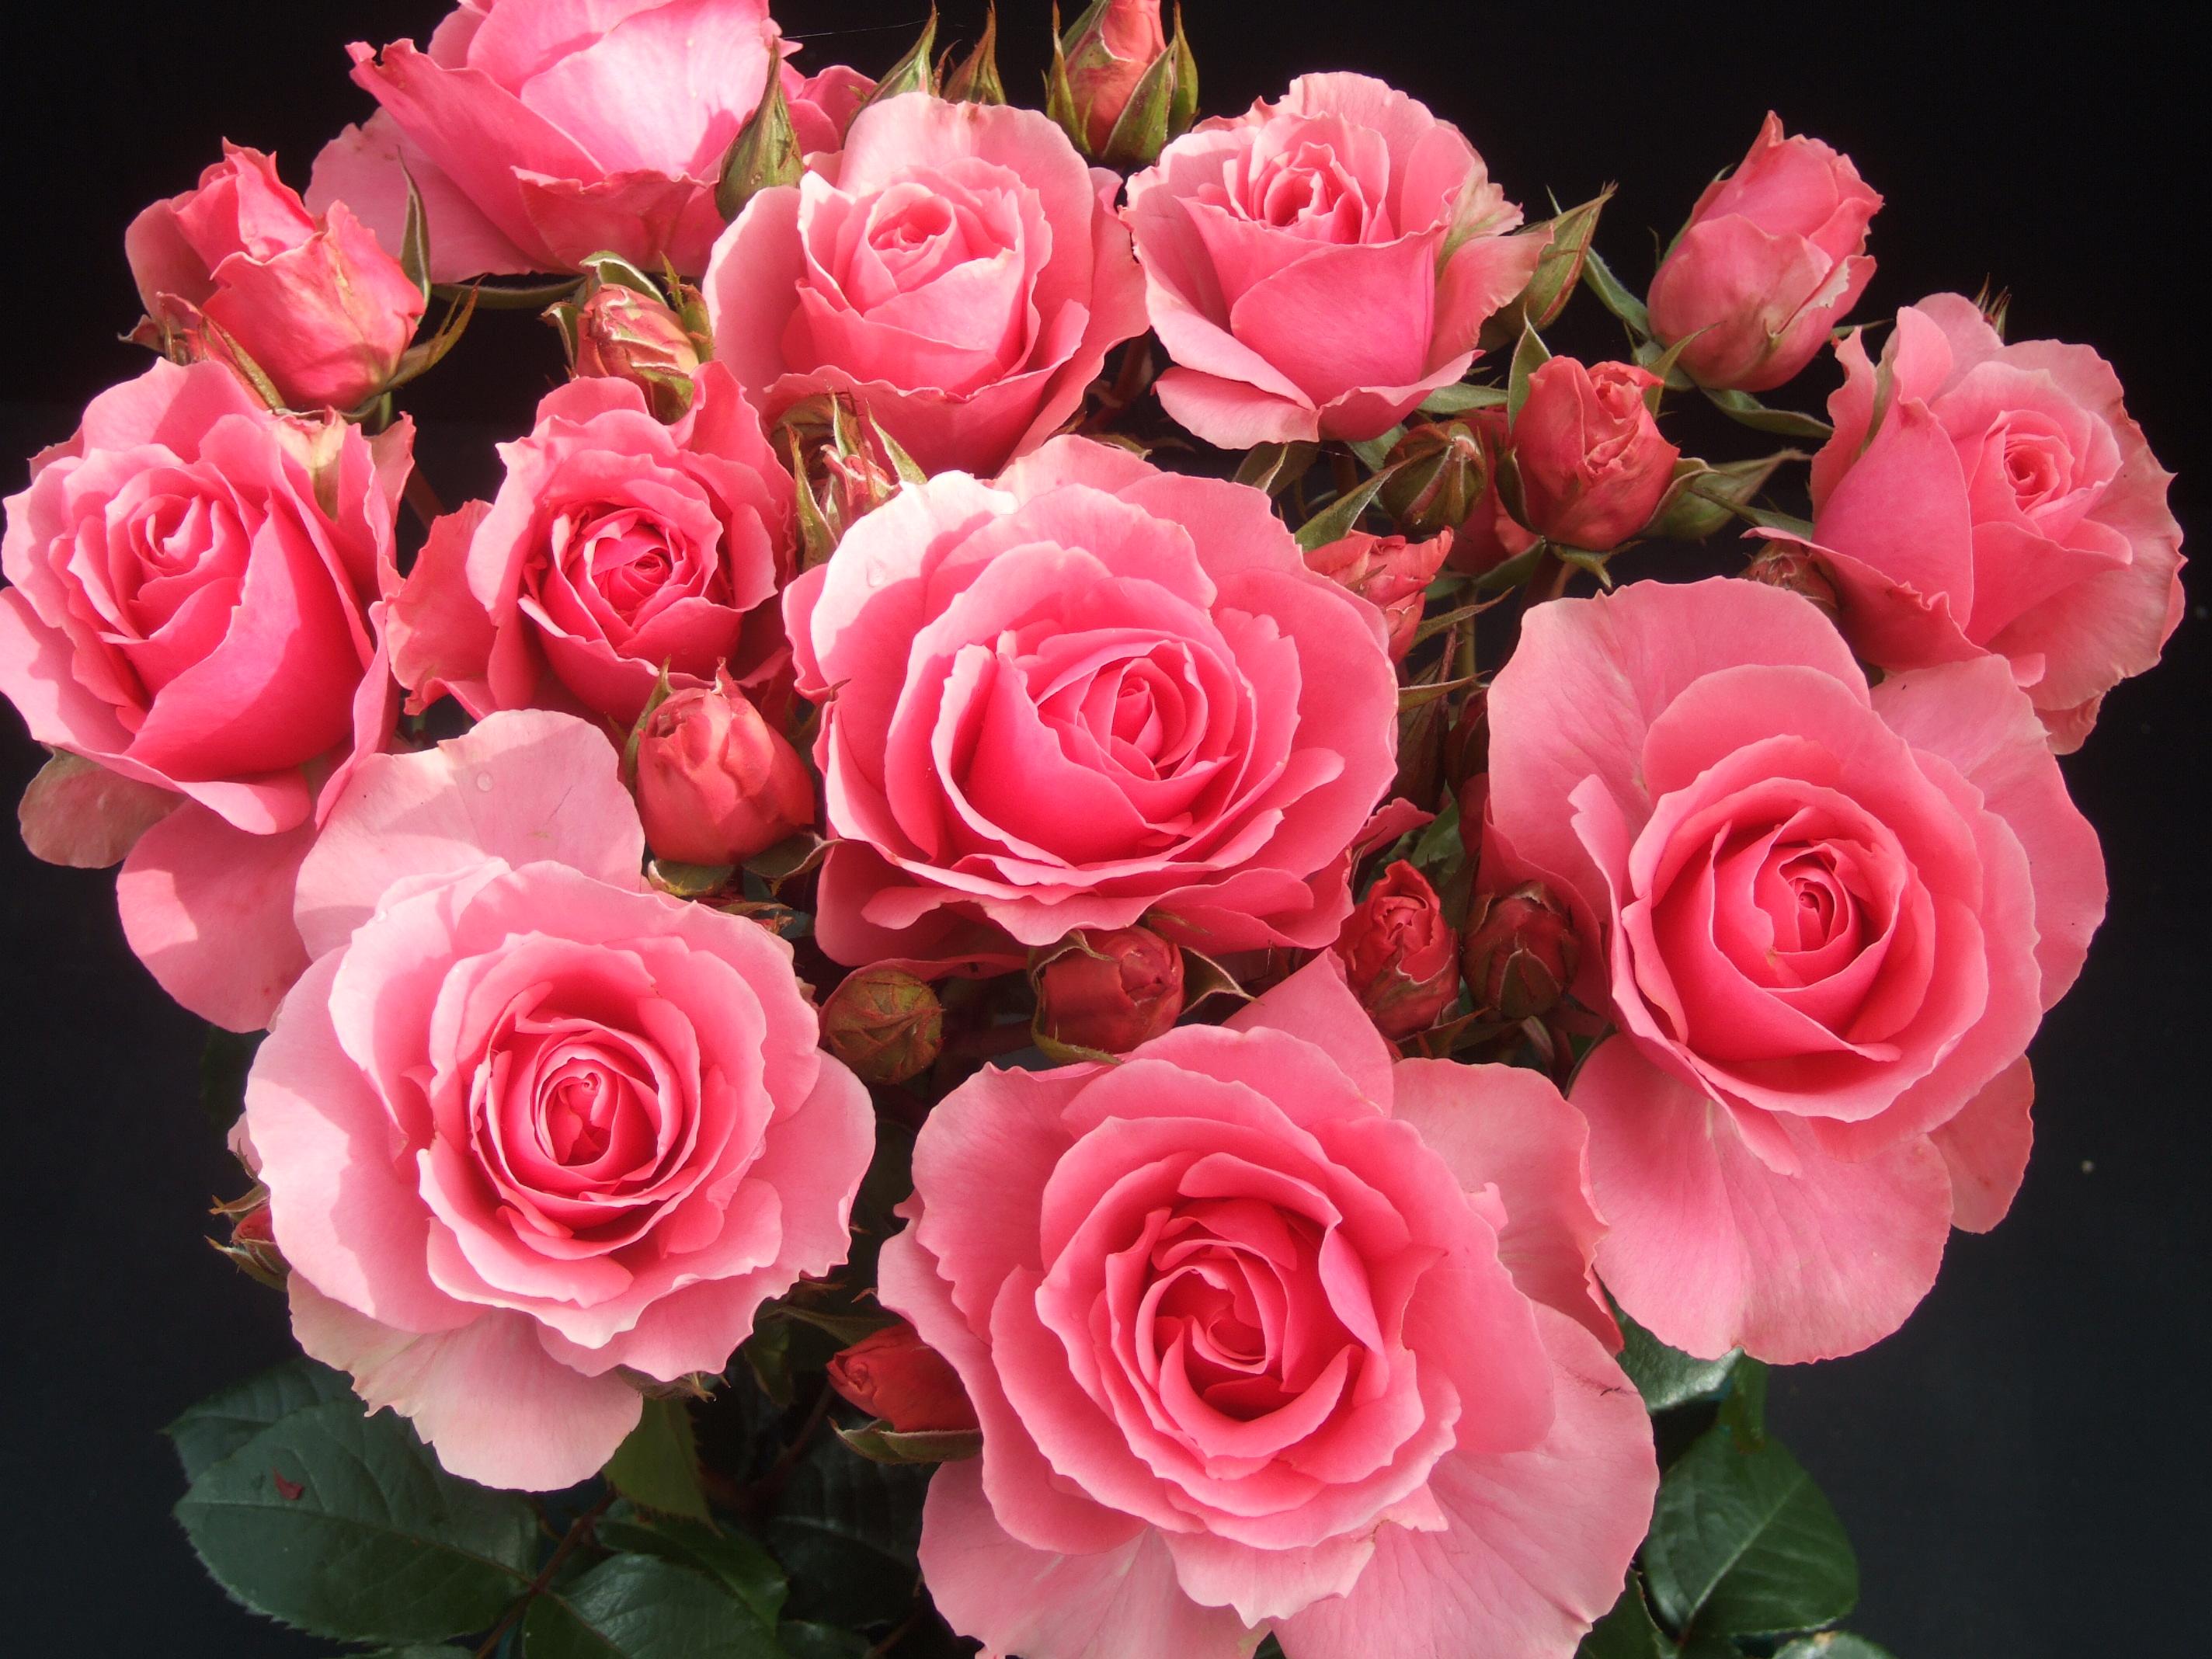 rose-rose-rose-rose-rose-rose-rose-rose-rose-rose-rose-rose-roses-32604383-2848-2136.jpg